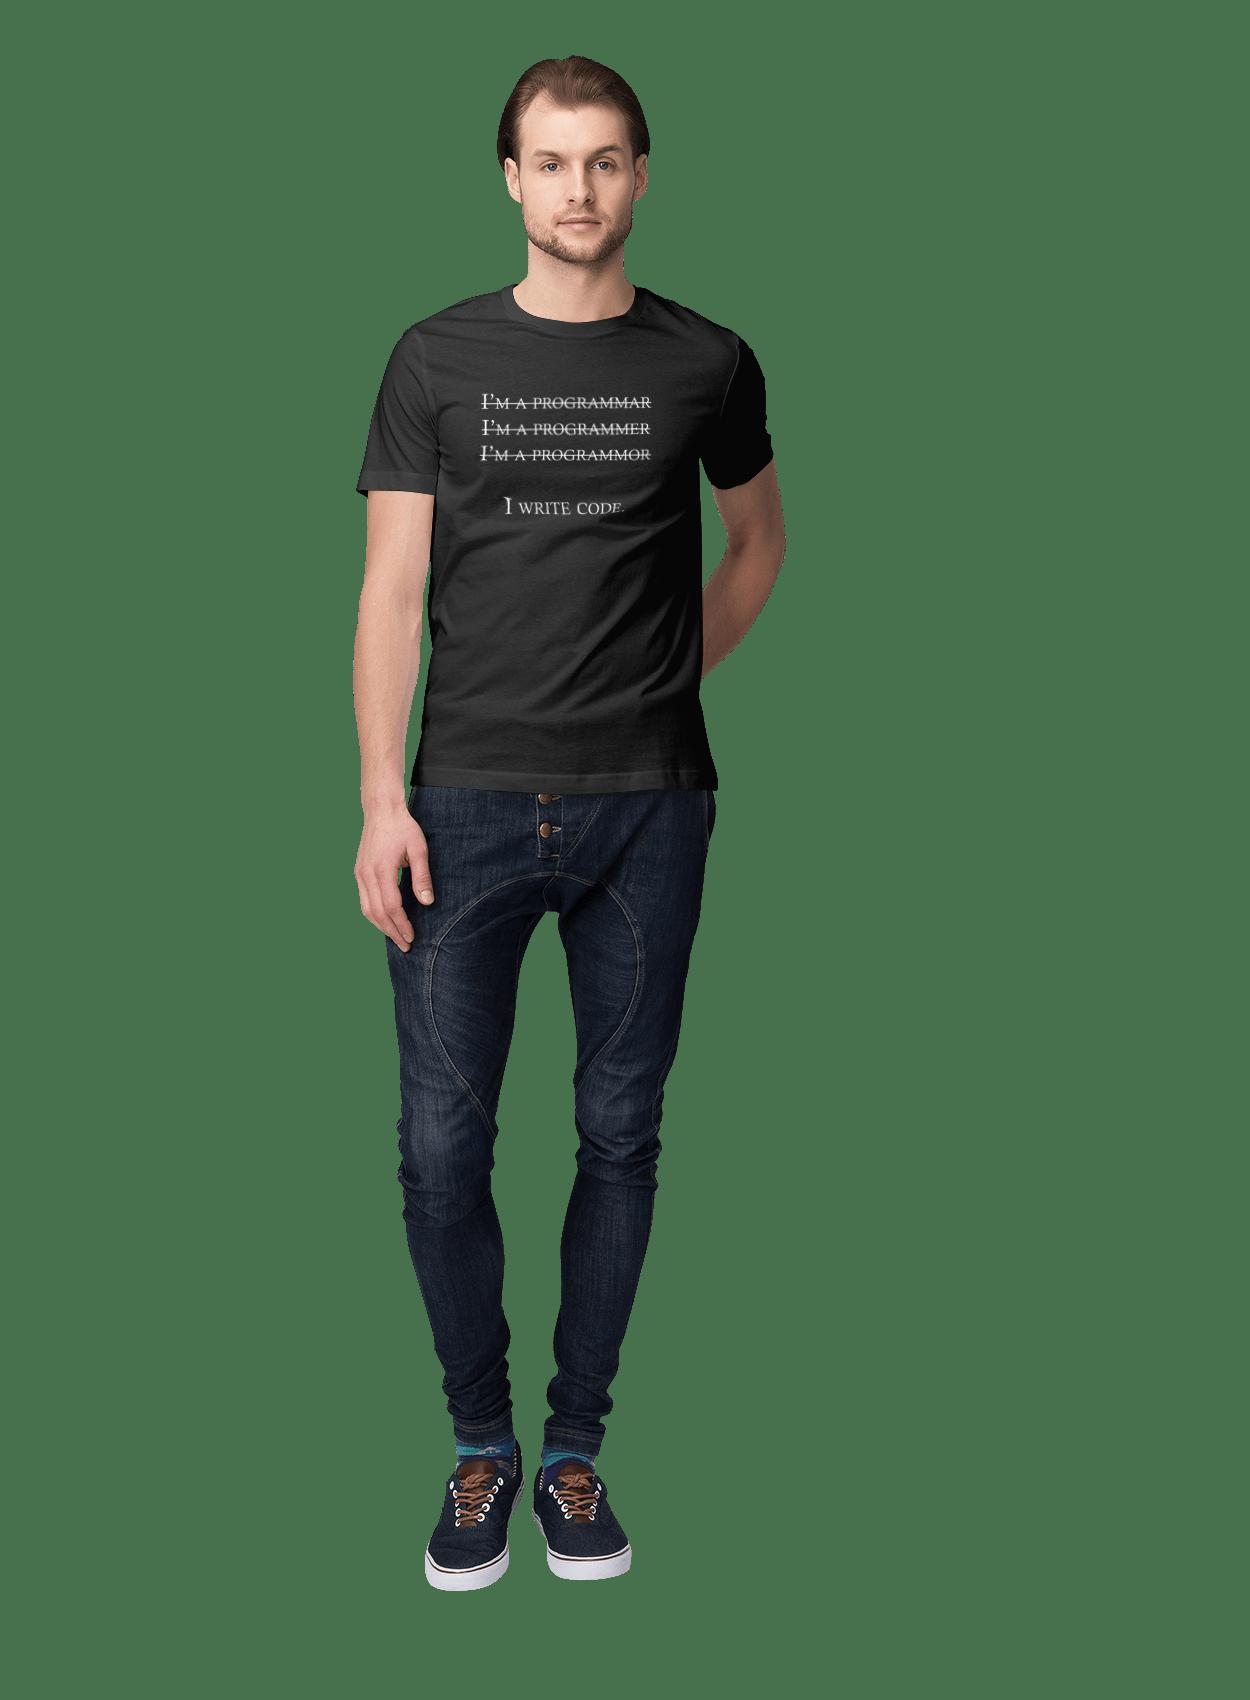 Я Пишу Код, Програміст, Білий